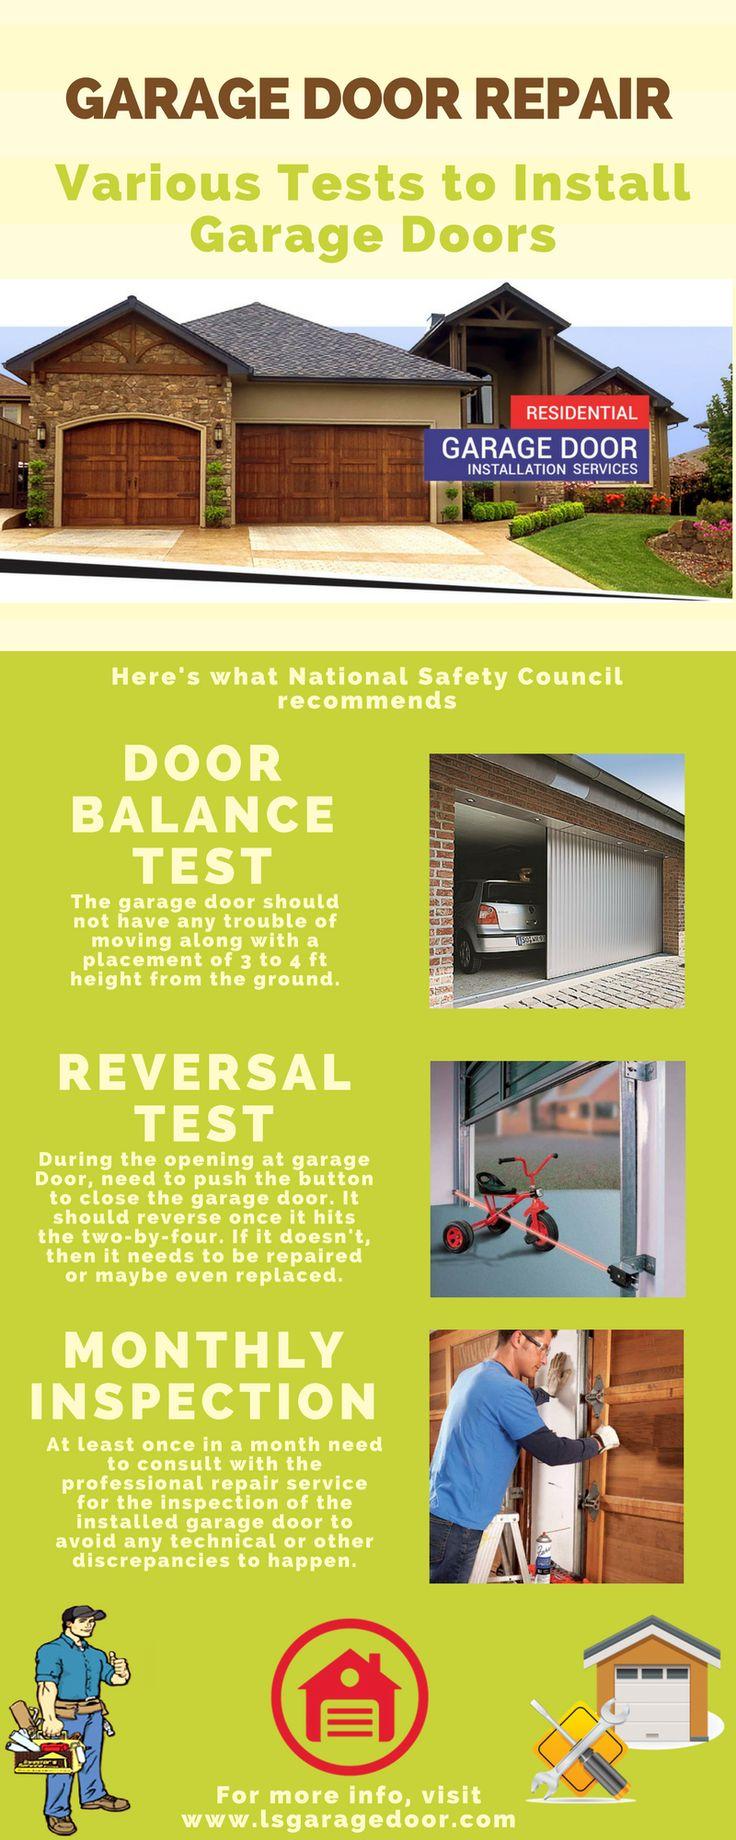 door service services and doors kd connecticut repair g eastman garage installation